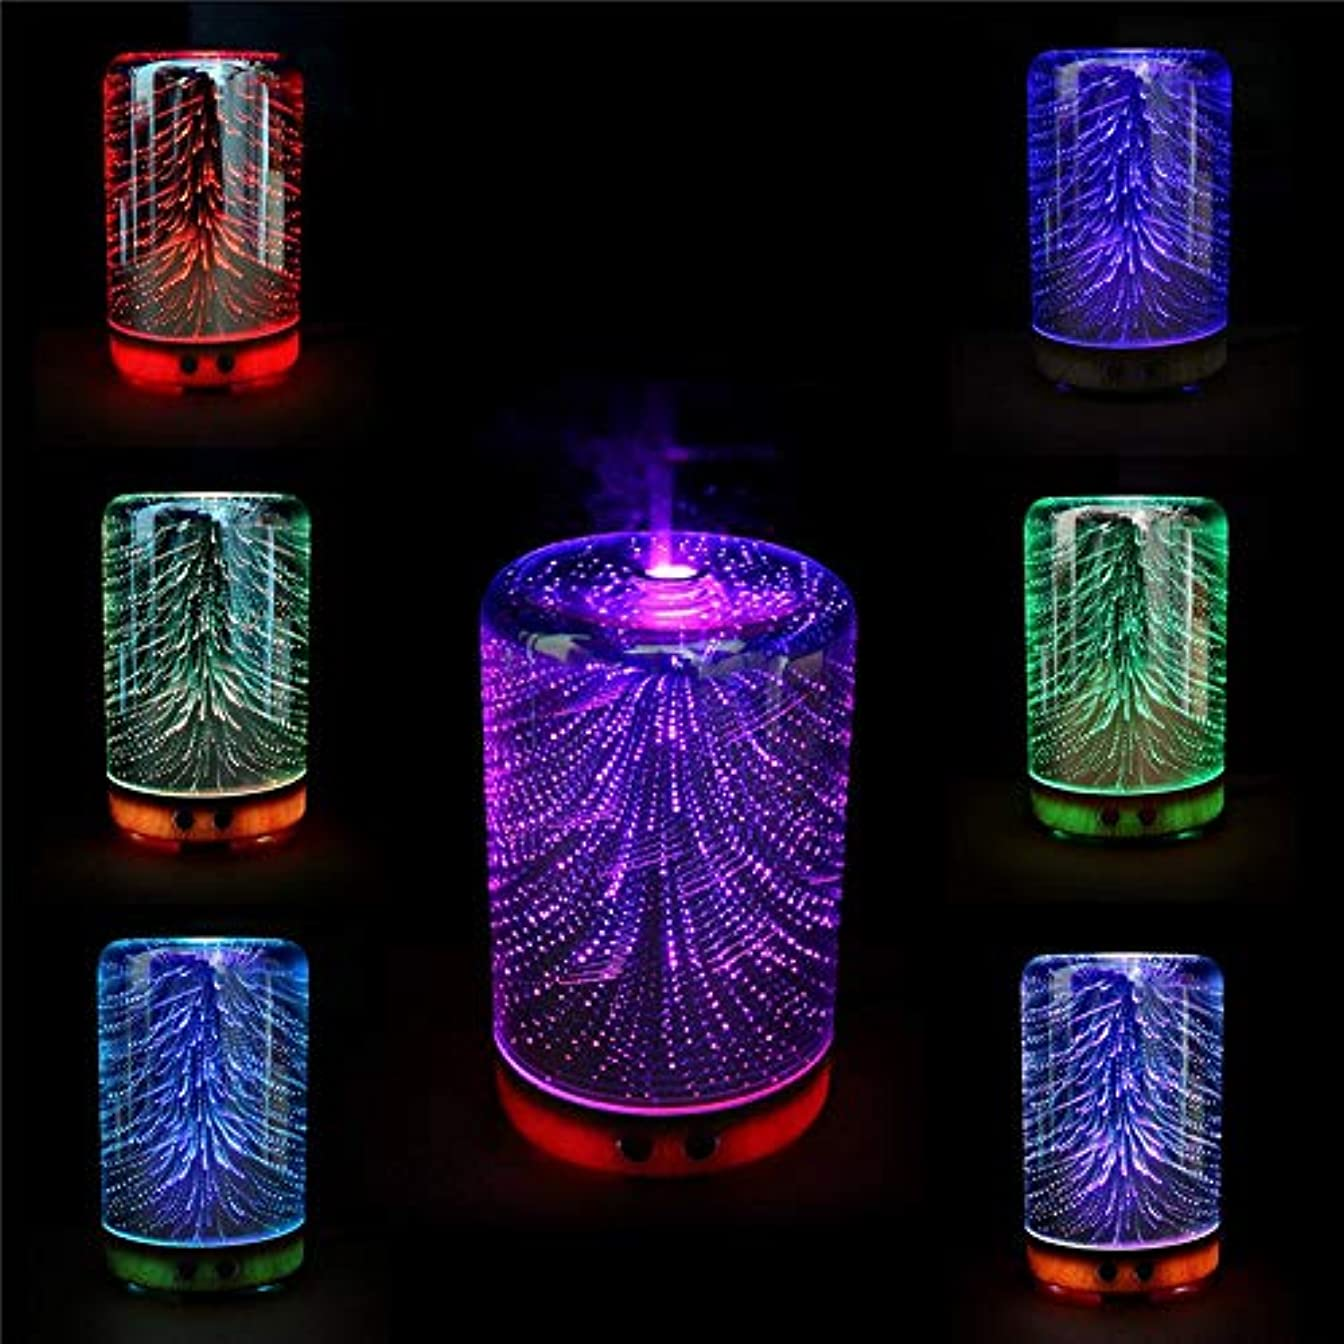 ソーダ水シンボルベアリングサークルLYEJM Color Changing 3D Lighting Essential Oil Aroma Diffuser Ultrasonic Mist Humidifier Aromatherapy 141[並行輸入]